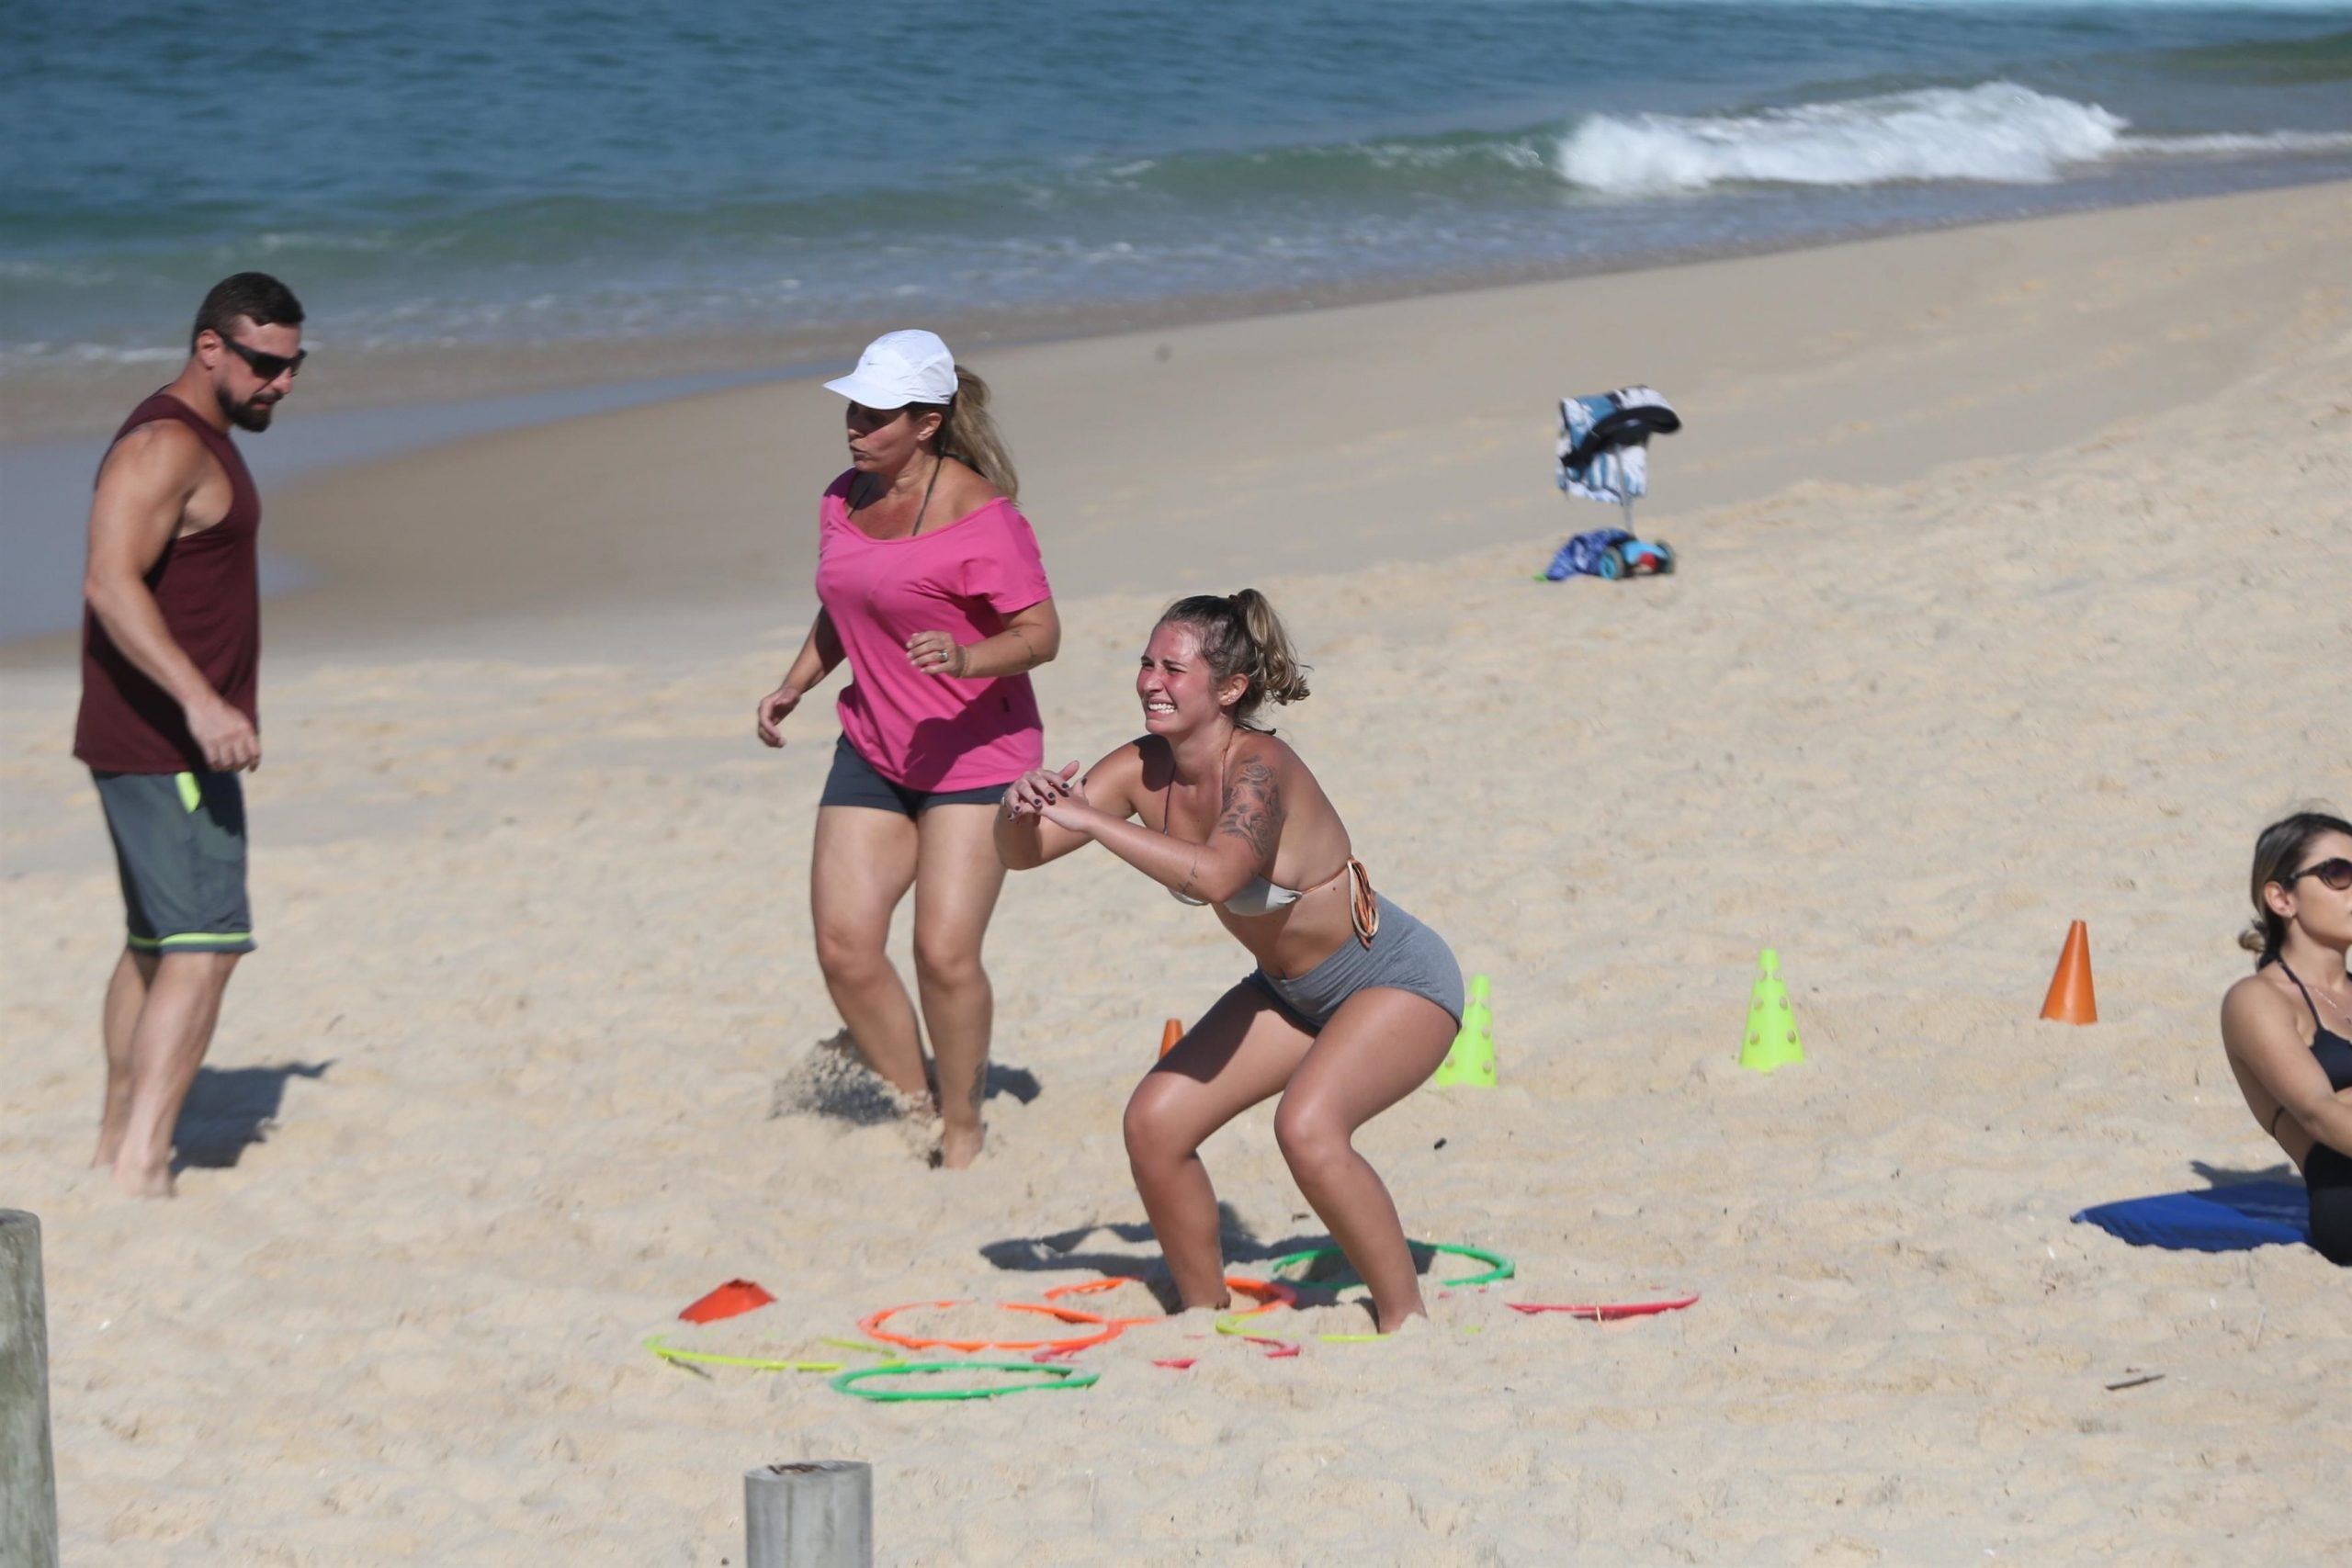 Sorvetão e sorvetinha! Em treino junto com a mãe, filha de Andrea Sorvetão mostra corpo escultural